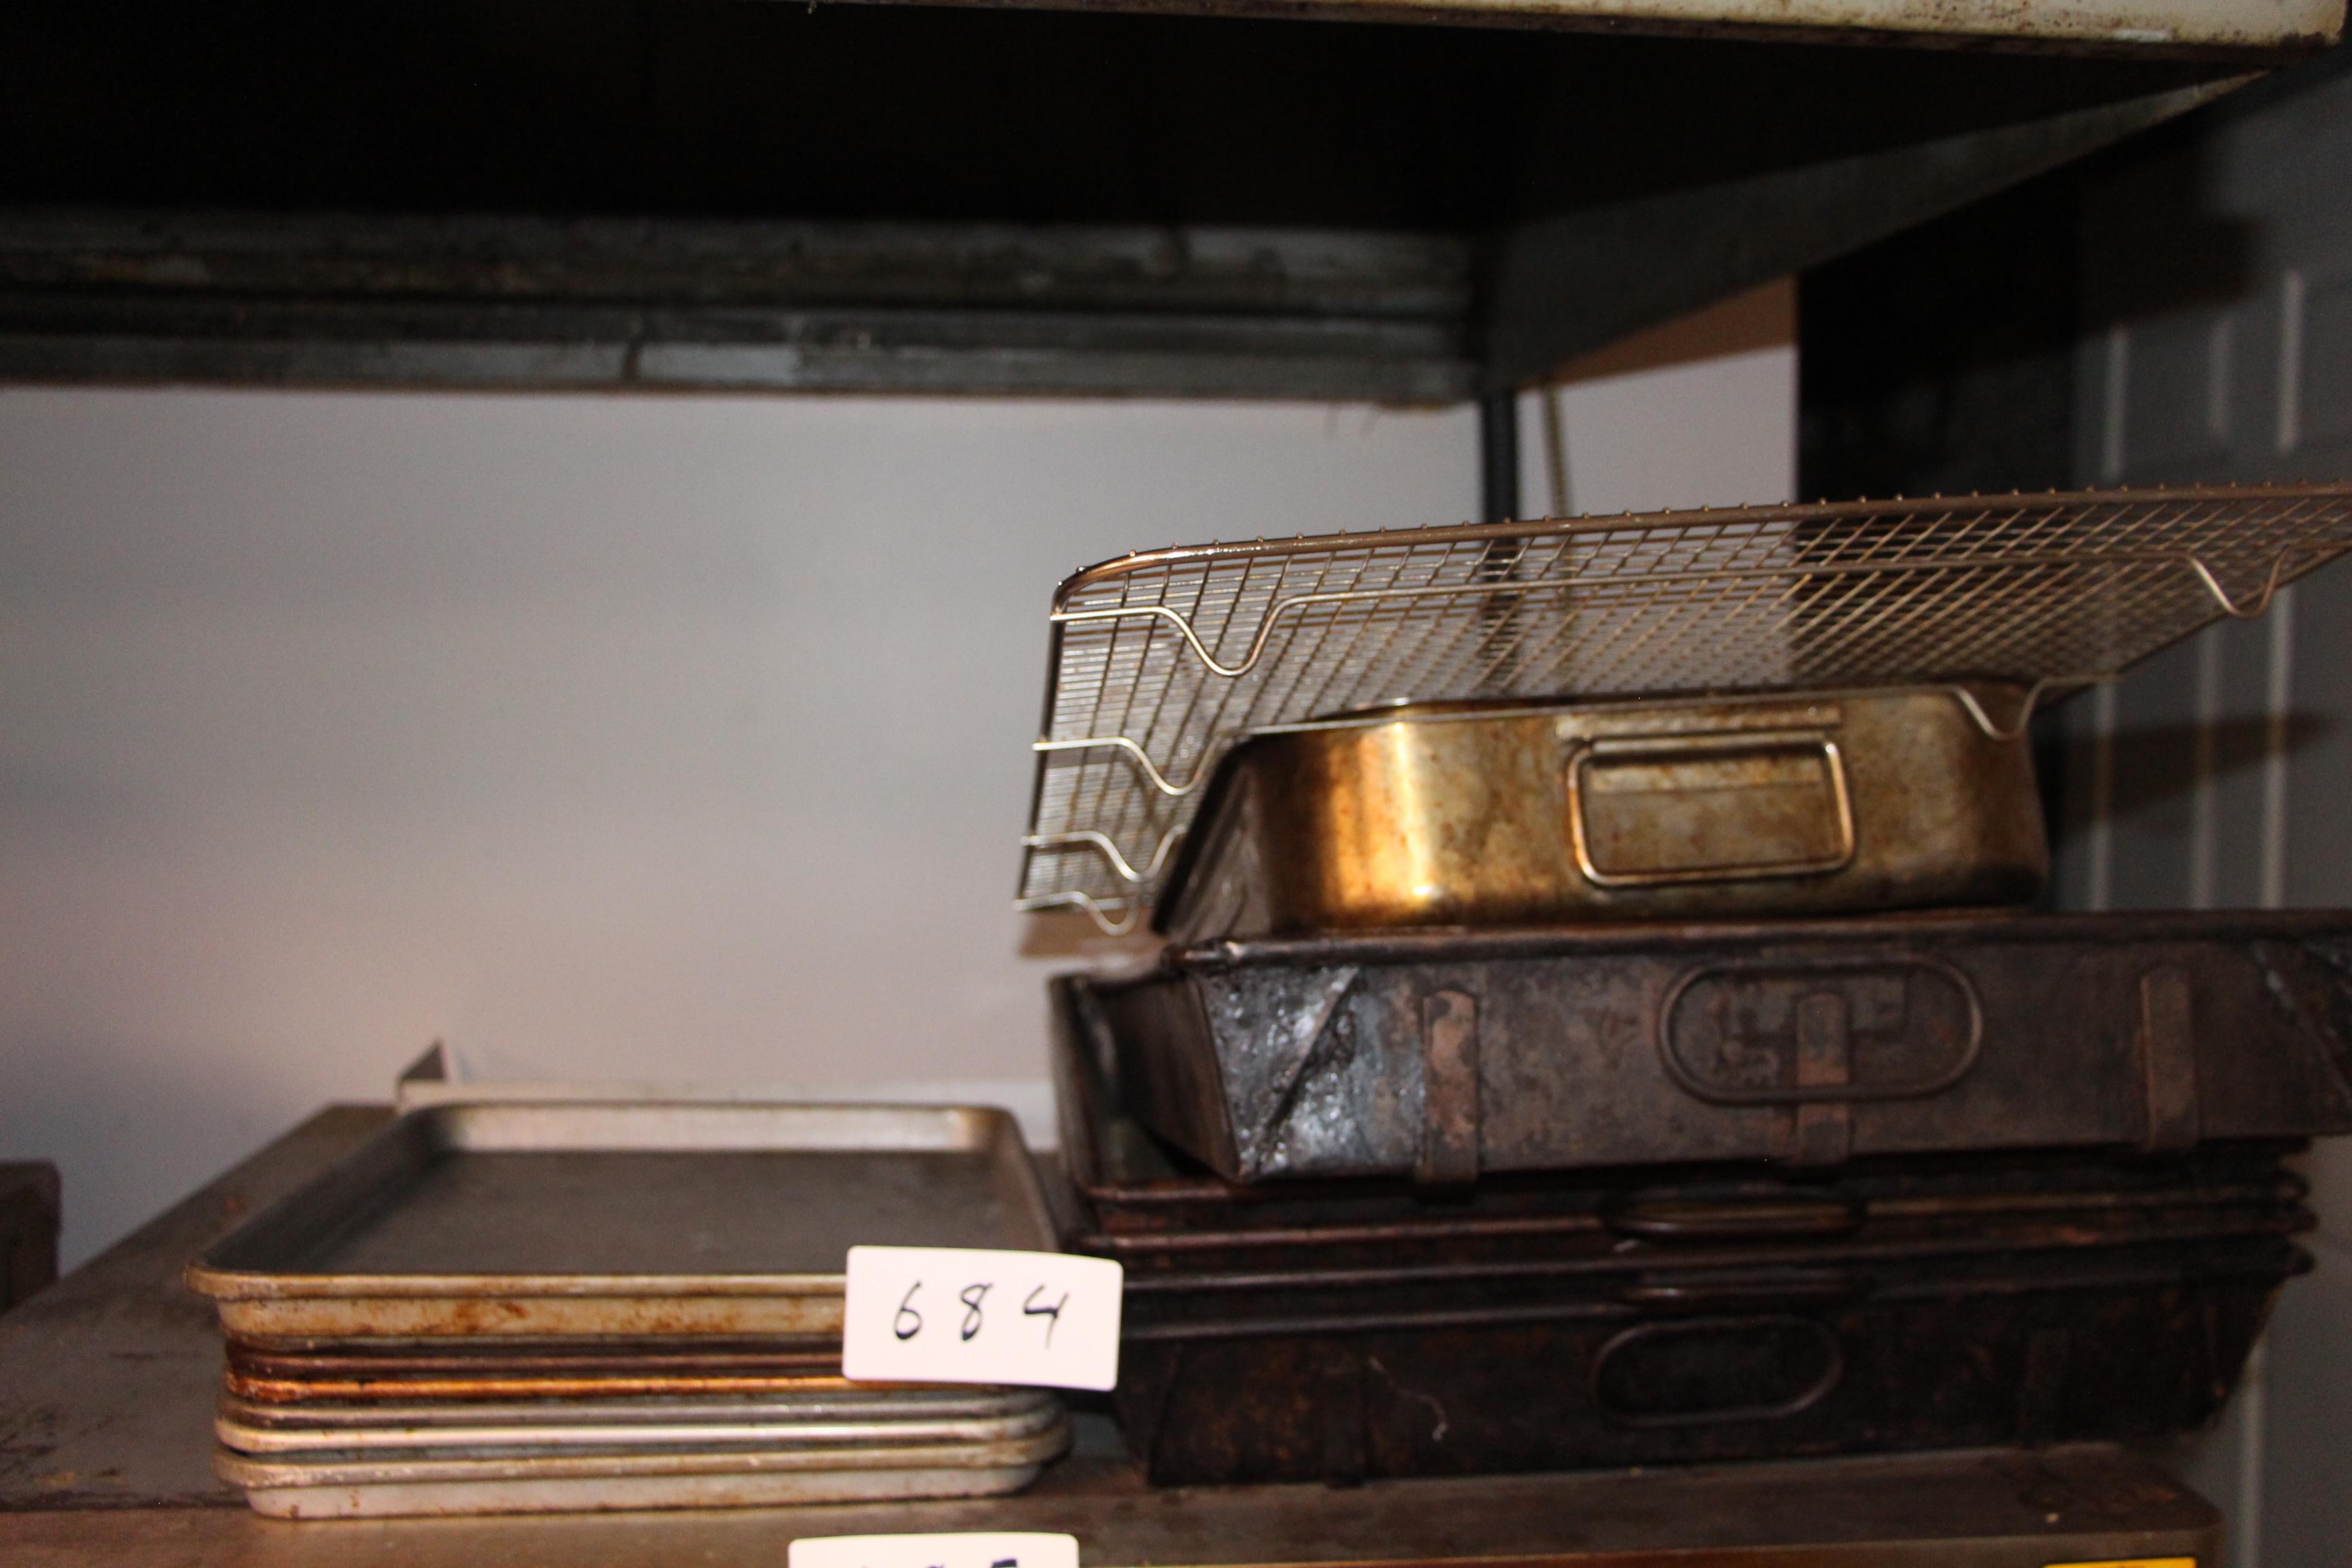 Lot 684 - Lot misc cooking pans etc